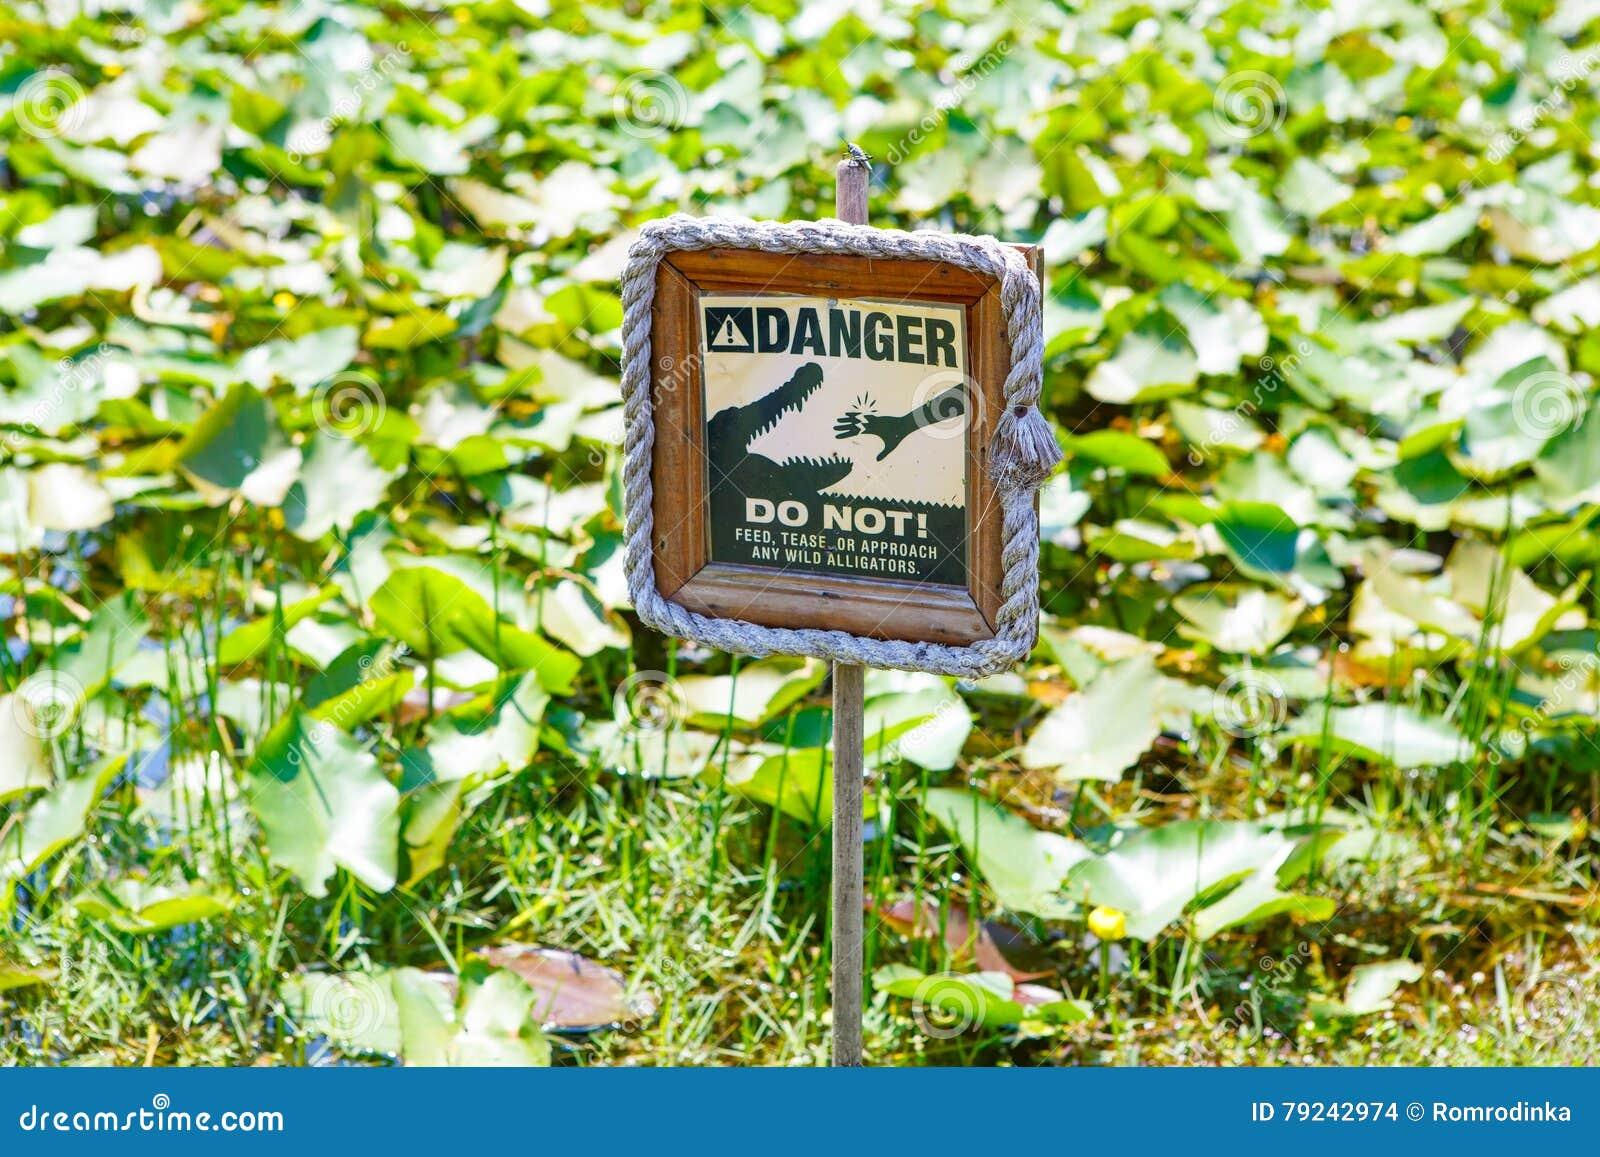 Advirta o sinal de aviso em marismas parque nacional de Florida, EUA